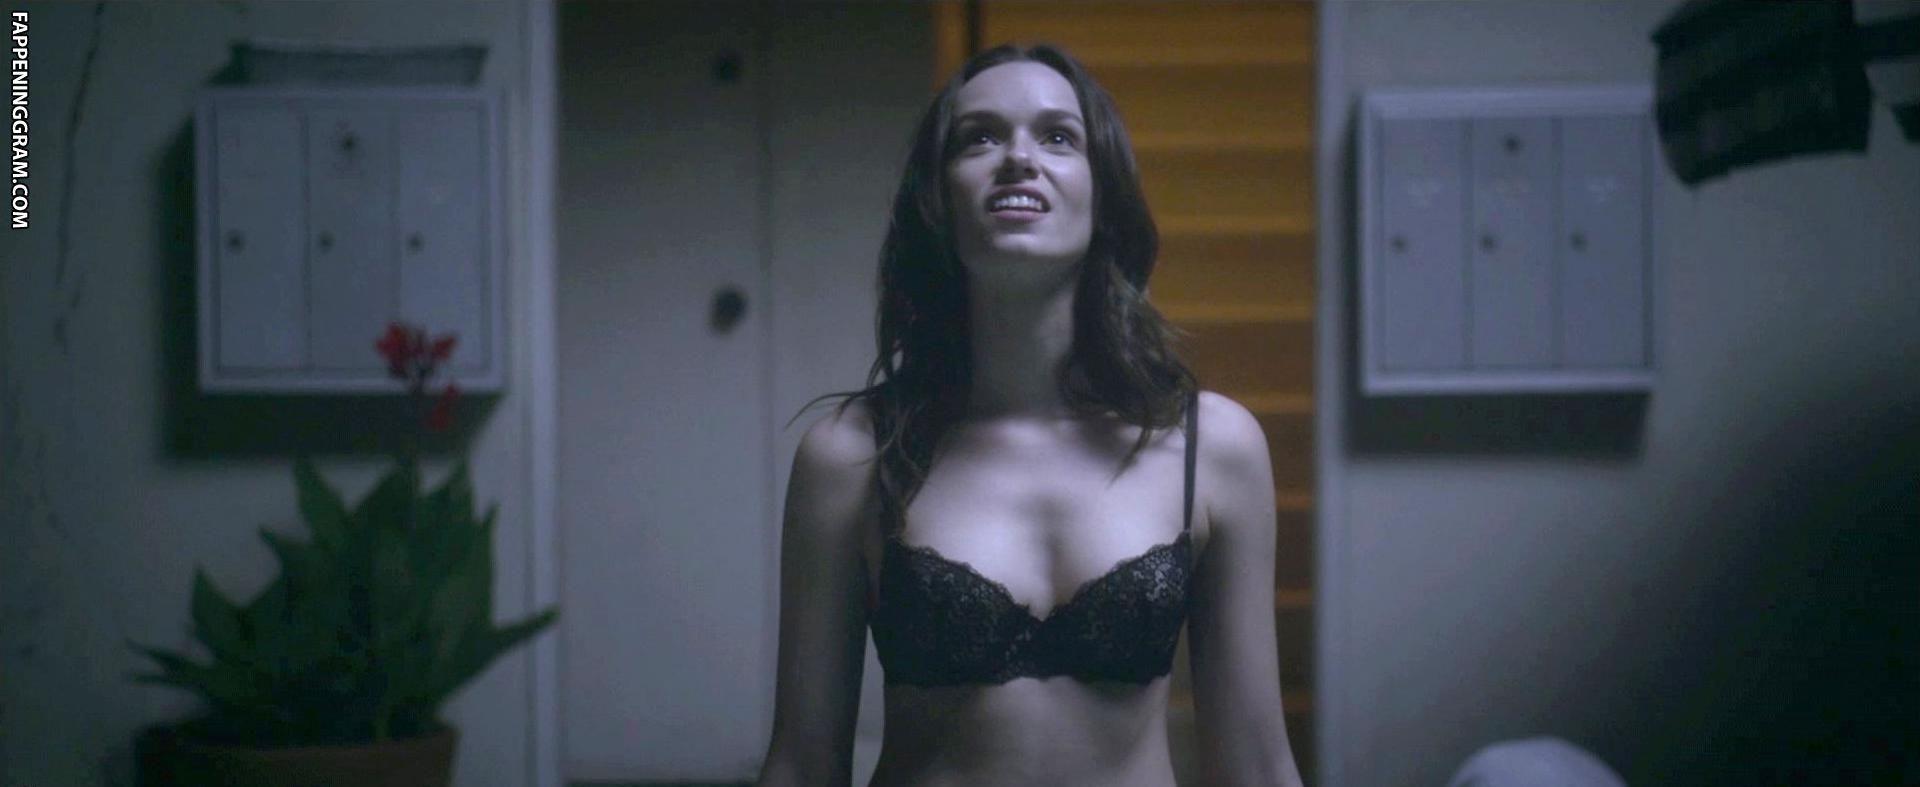 Nackt  Elizabeth Anweis Elizabeth Anweis